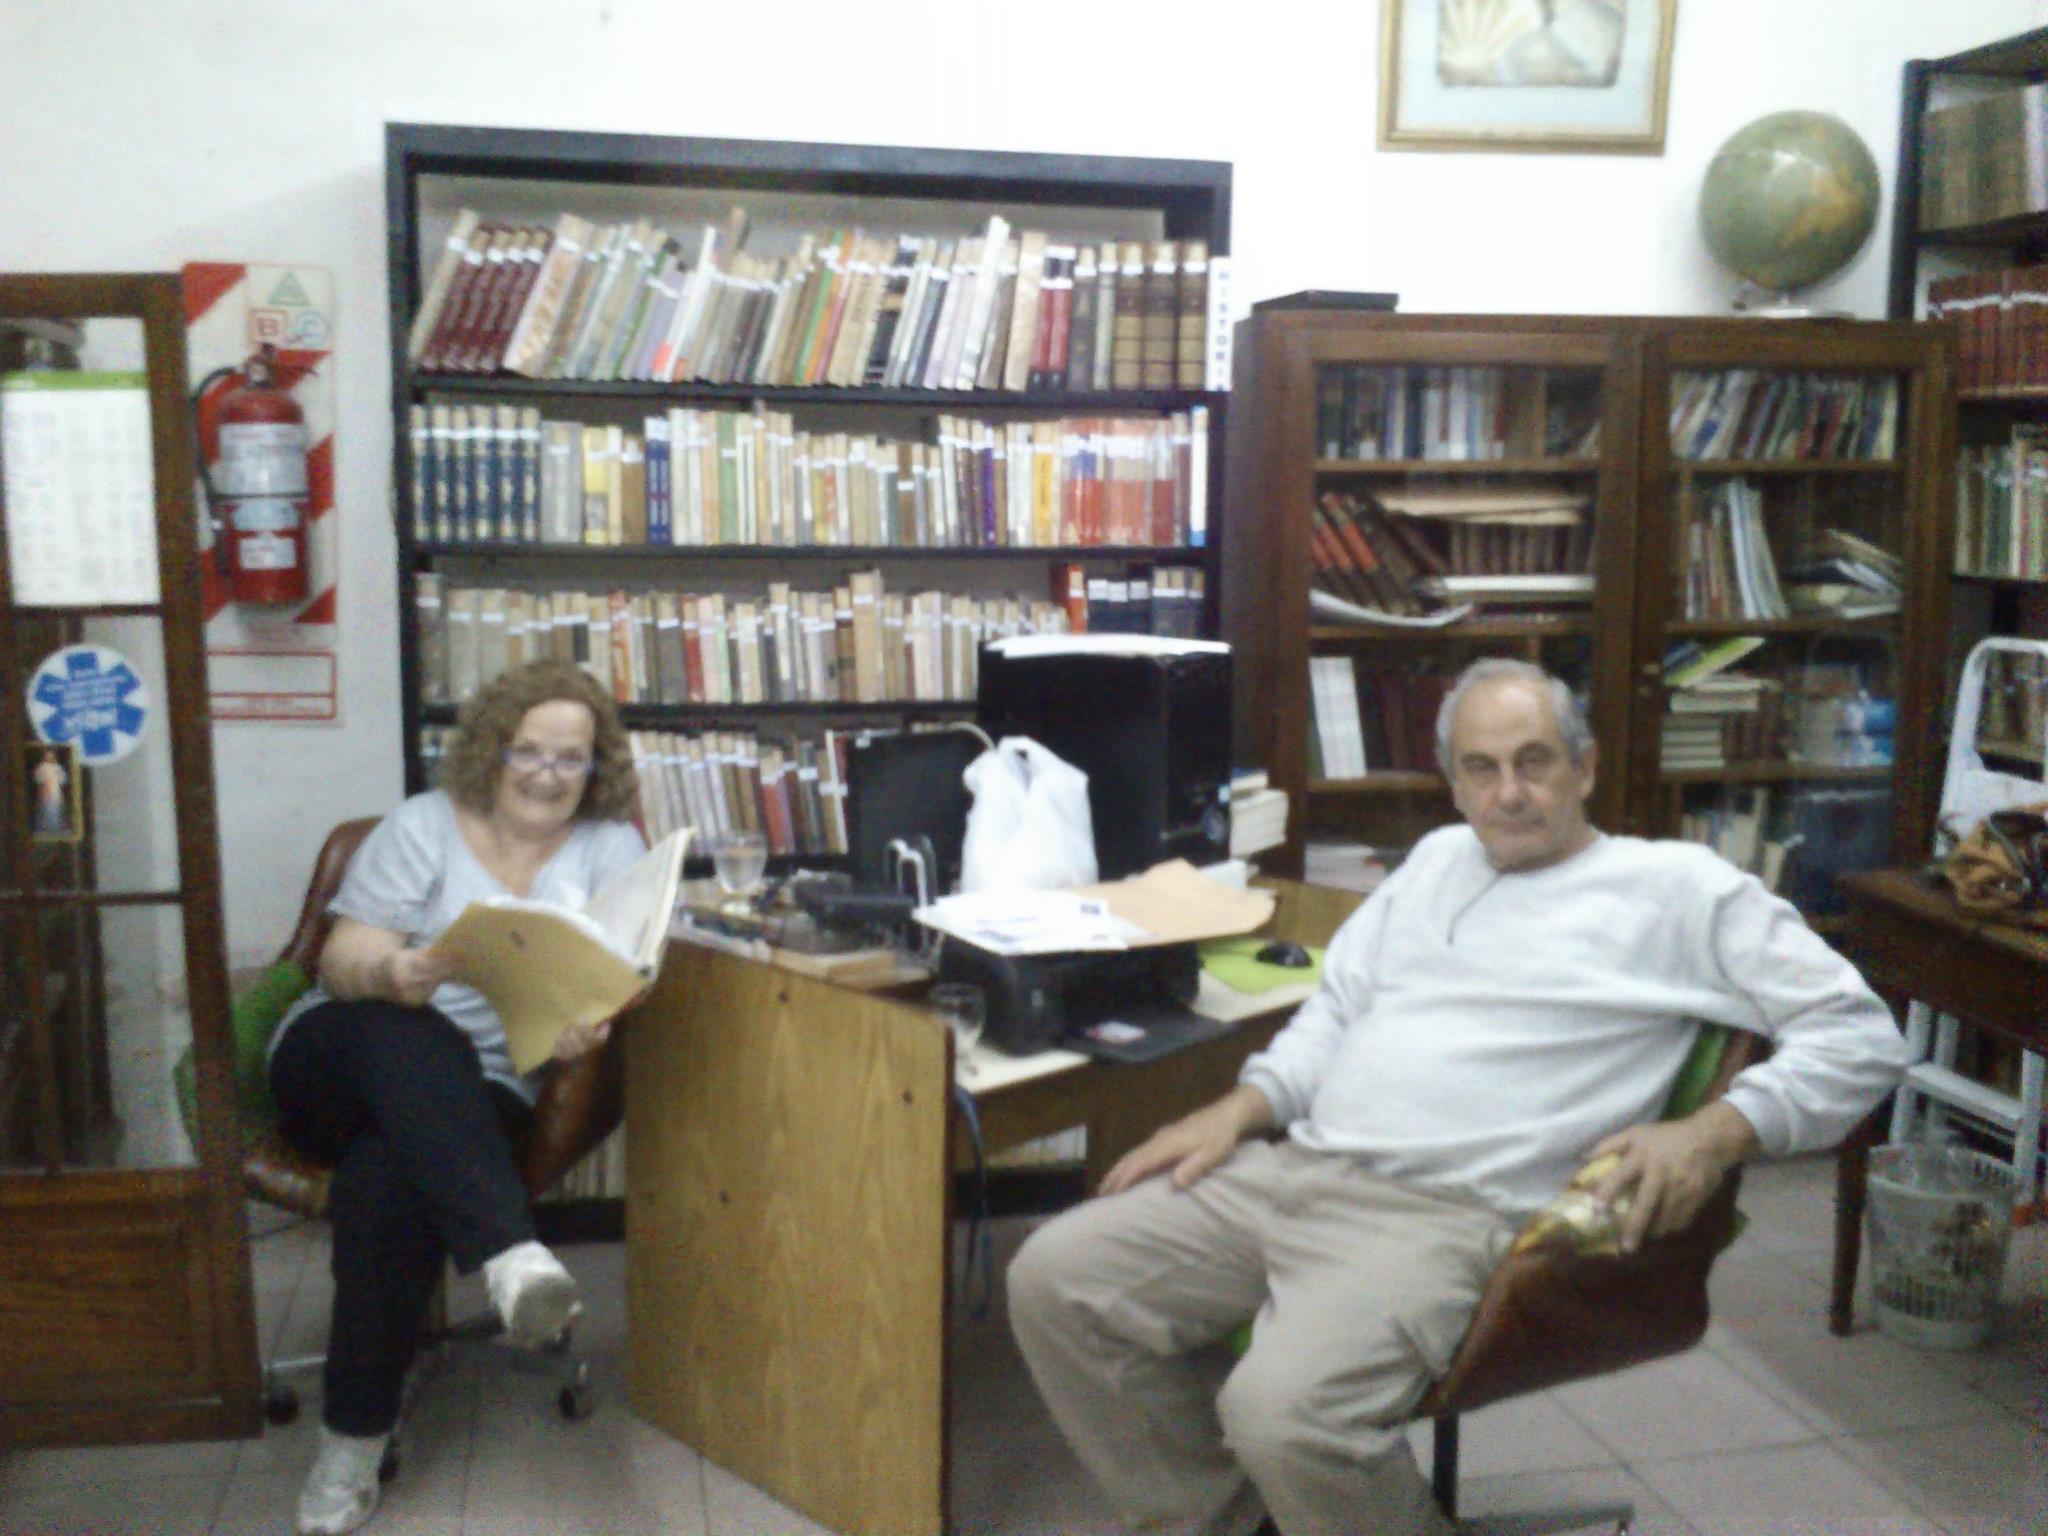 Sociedad de Fomento y cultura y Biblioteca popular Domingo Faustino Sarmiento 3 - Biblioteca Popular Domingo Faustino Sarmiento y Sociedad de Fomento y Cultura